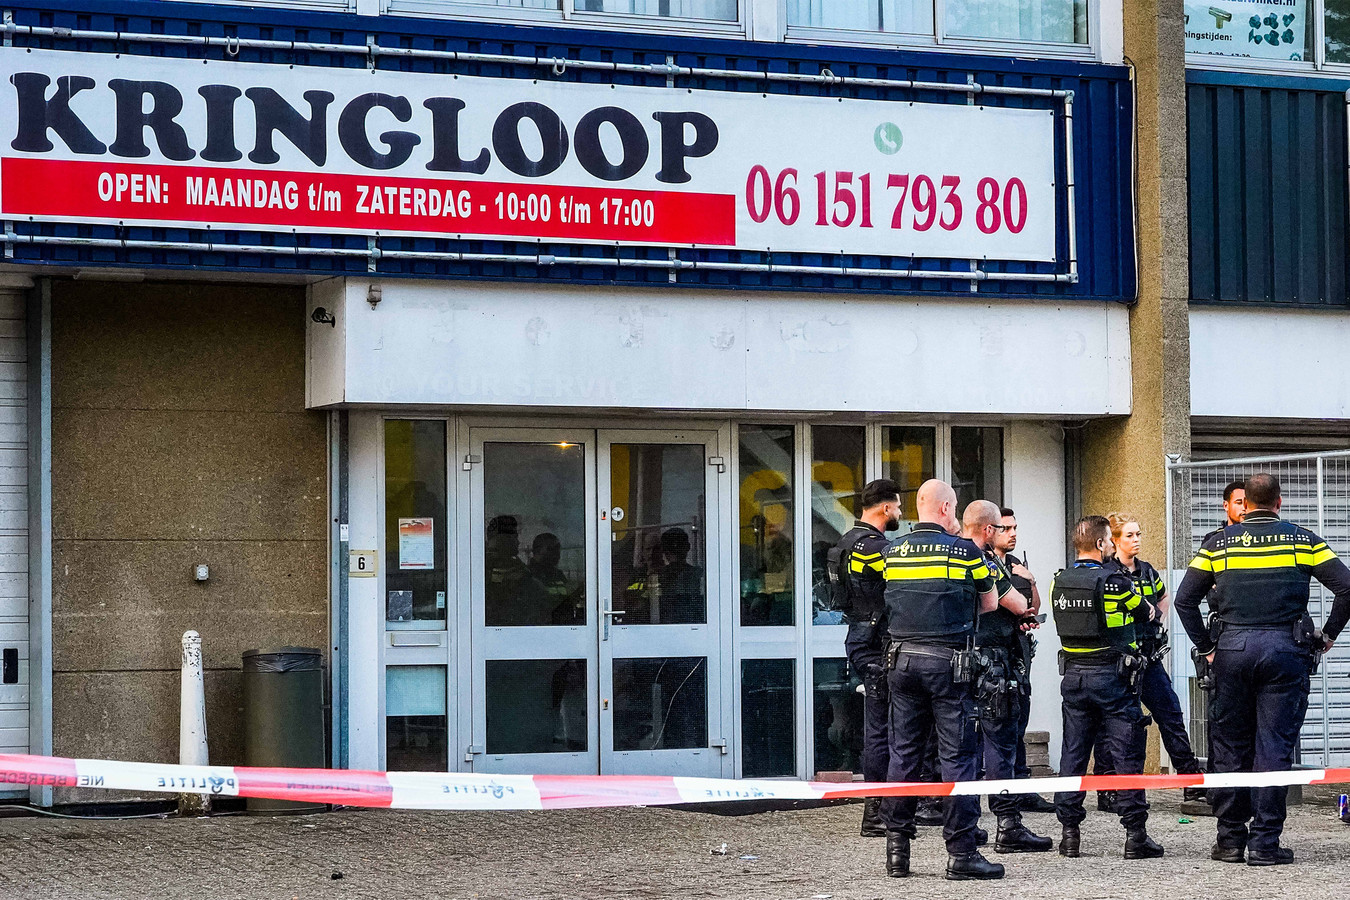 Dimanche, peu avant 6h00, des coups de feu avaient été tirés en marge d'une fête, dans le quartier Amsterdam-Zuidoost, avait déjà communiqué la police d'Amsterdam. L'ancien joueur aurait tenté de s'interposer dans une dispute, selon la police, et c'est à ce moment-là qu'il aurait été touché par un tir.